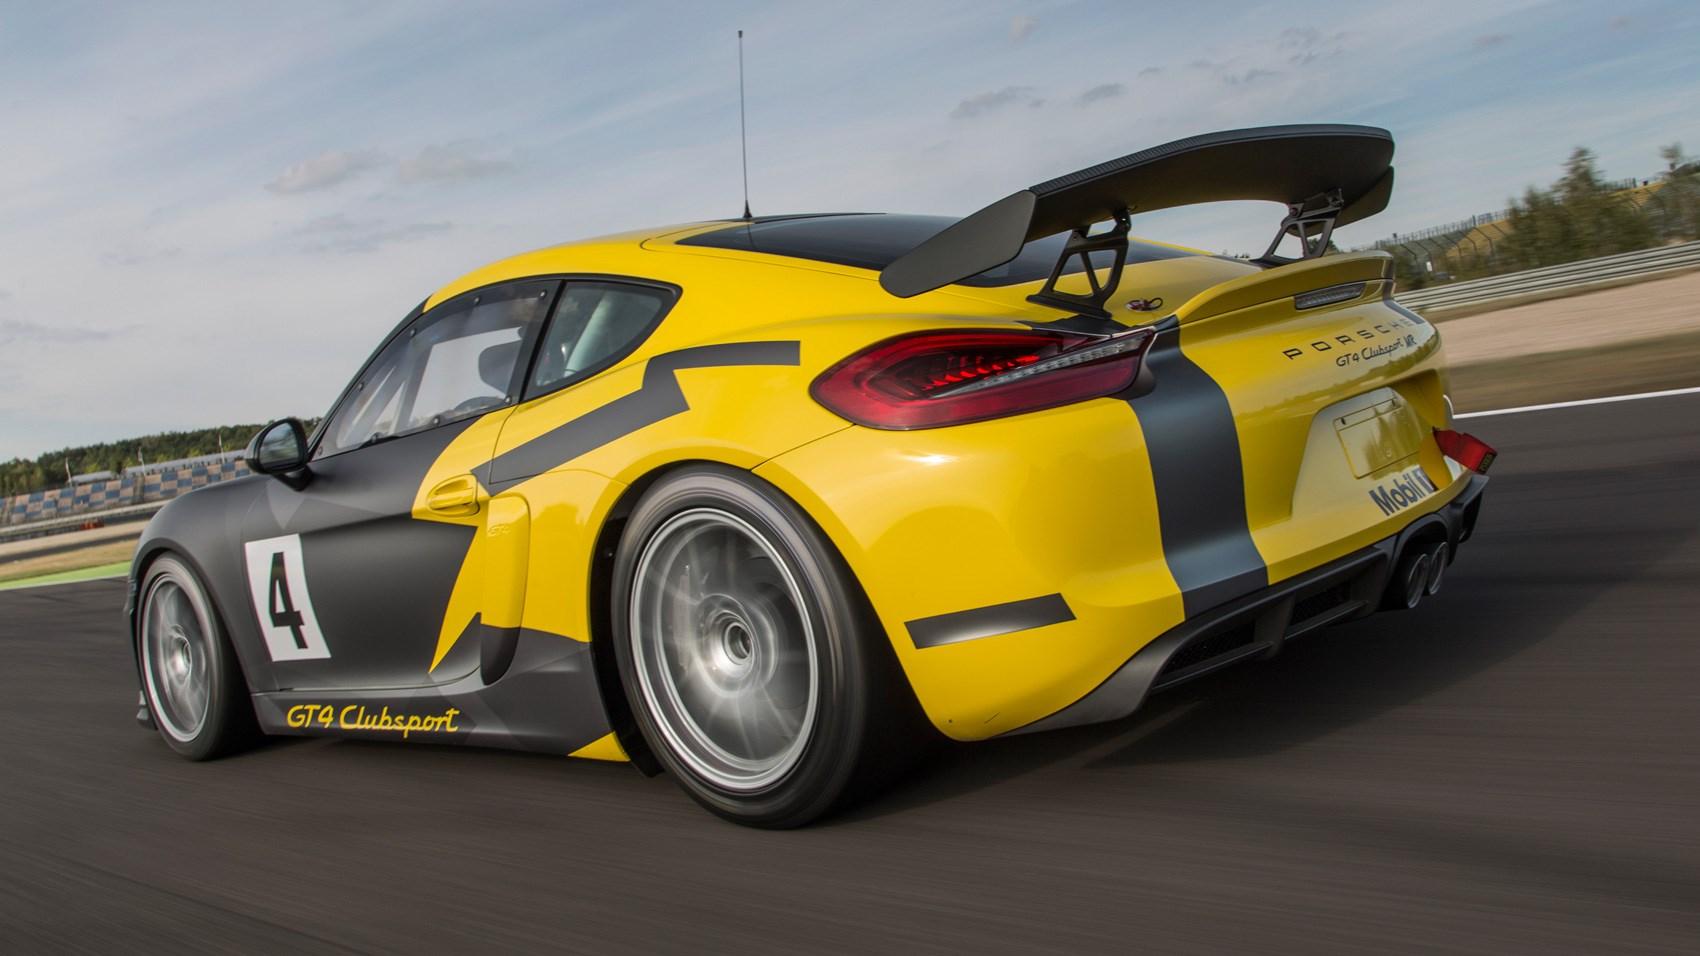 2016 Porsche Cayman S Review >> Porsche Cayman GT4 Clubsport (2017) review | CAR Magazine